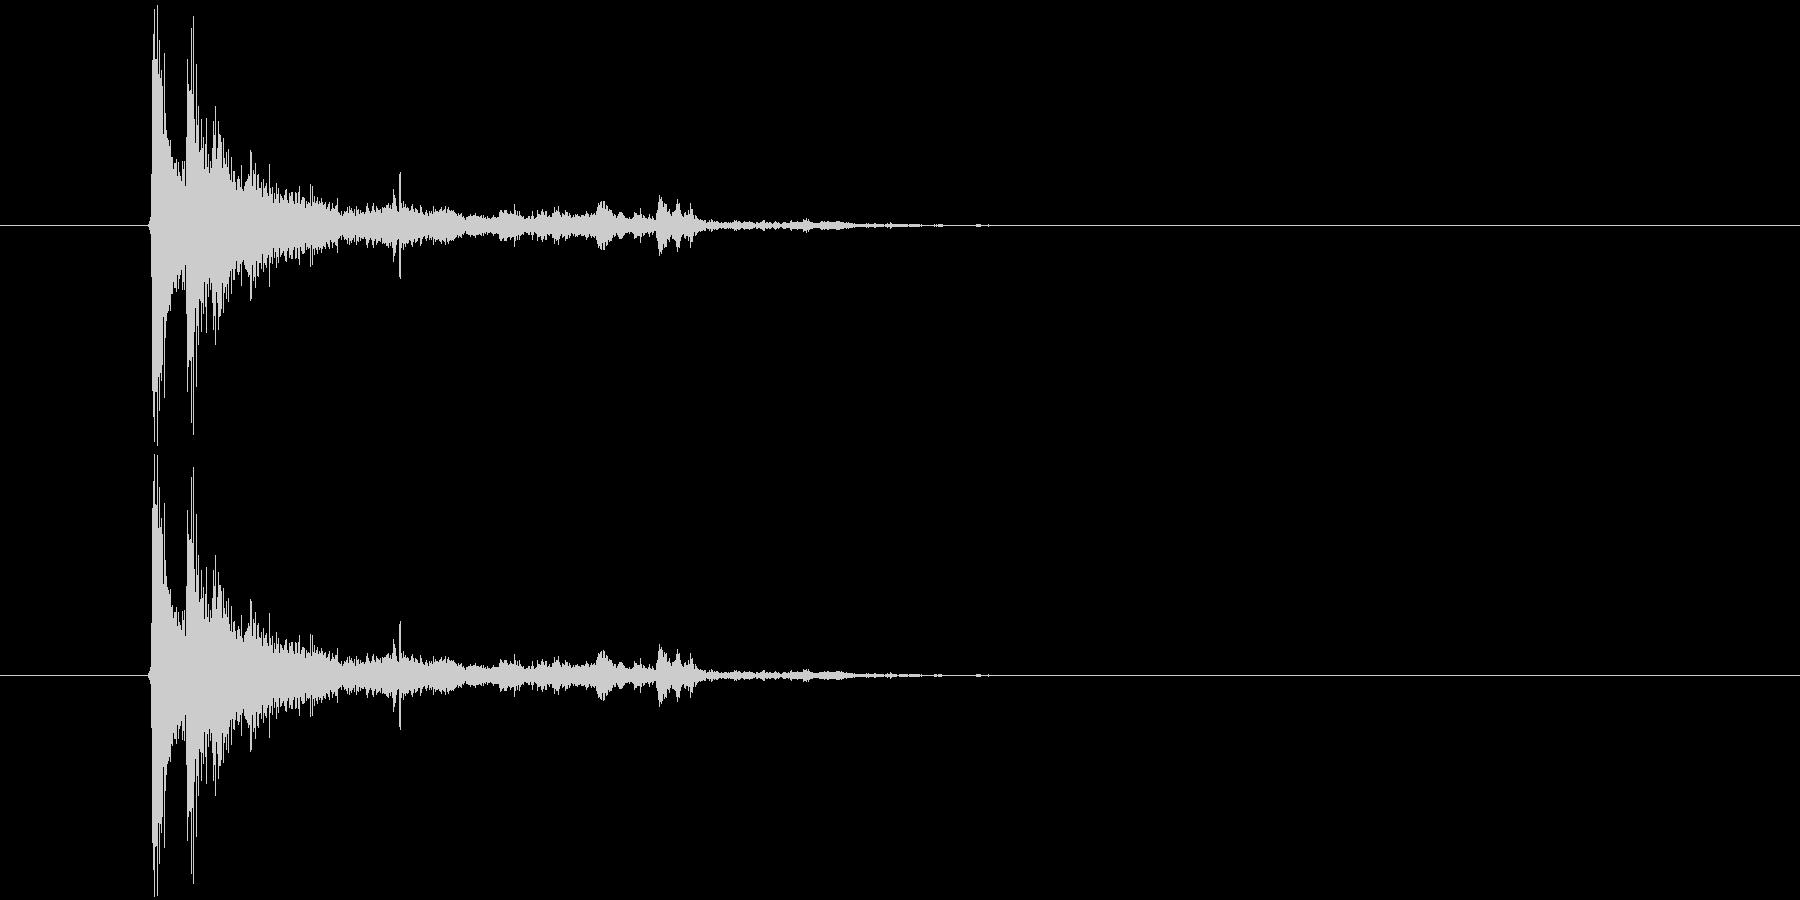 ガシャーン(窓ガラスが割れる音)の未再生の波形